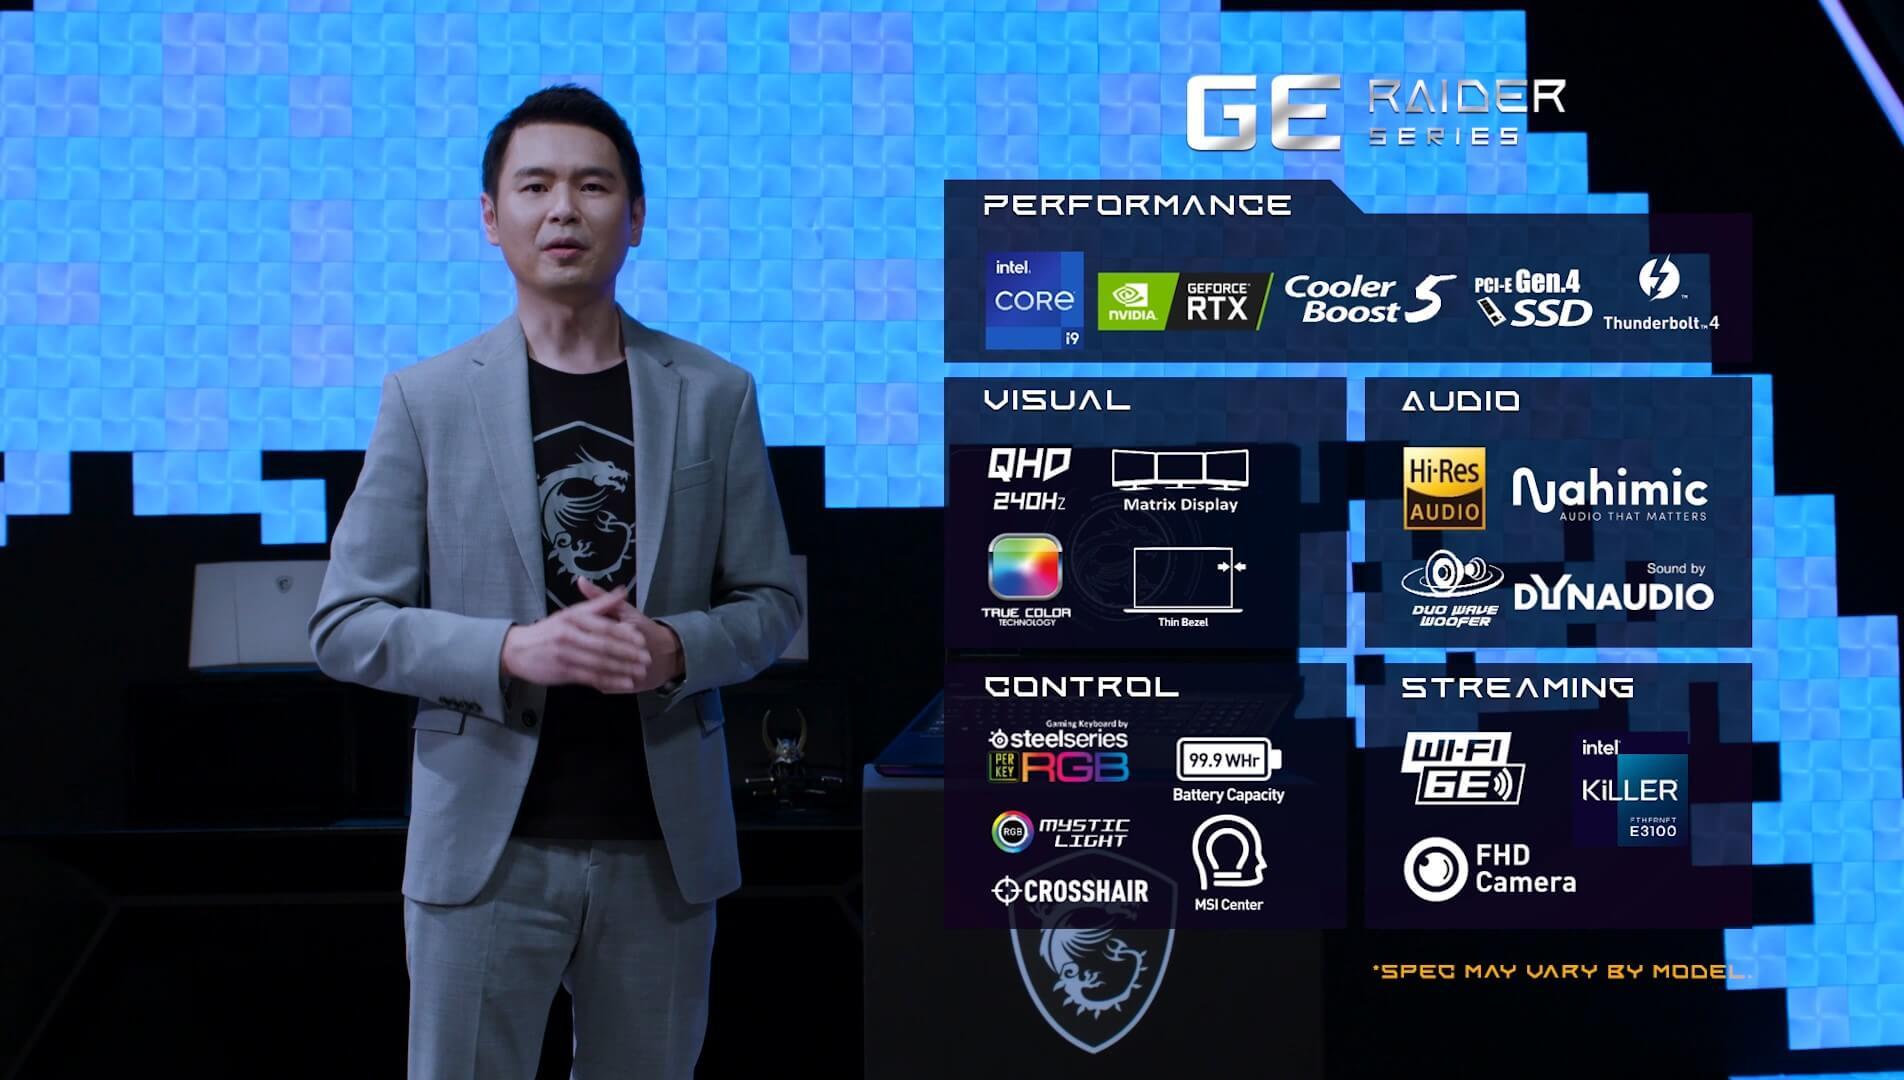 GE Summary